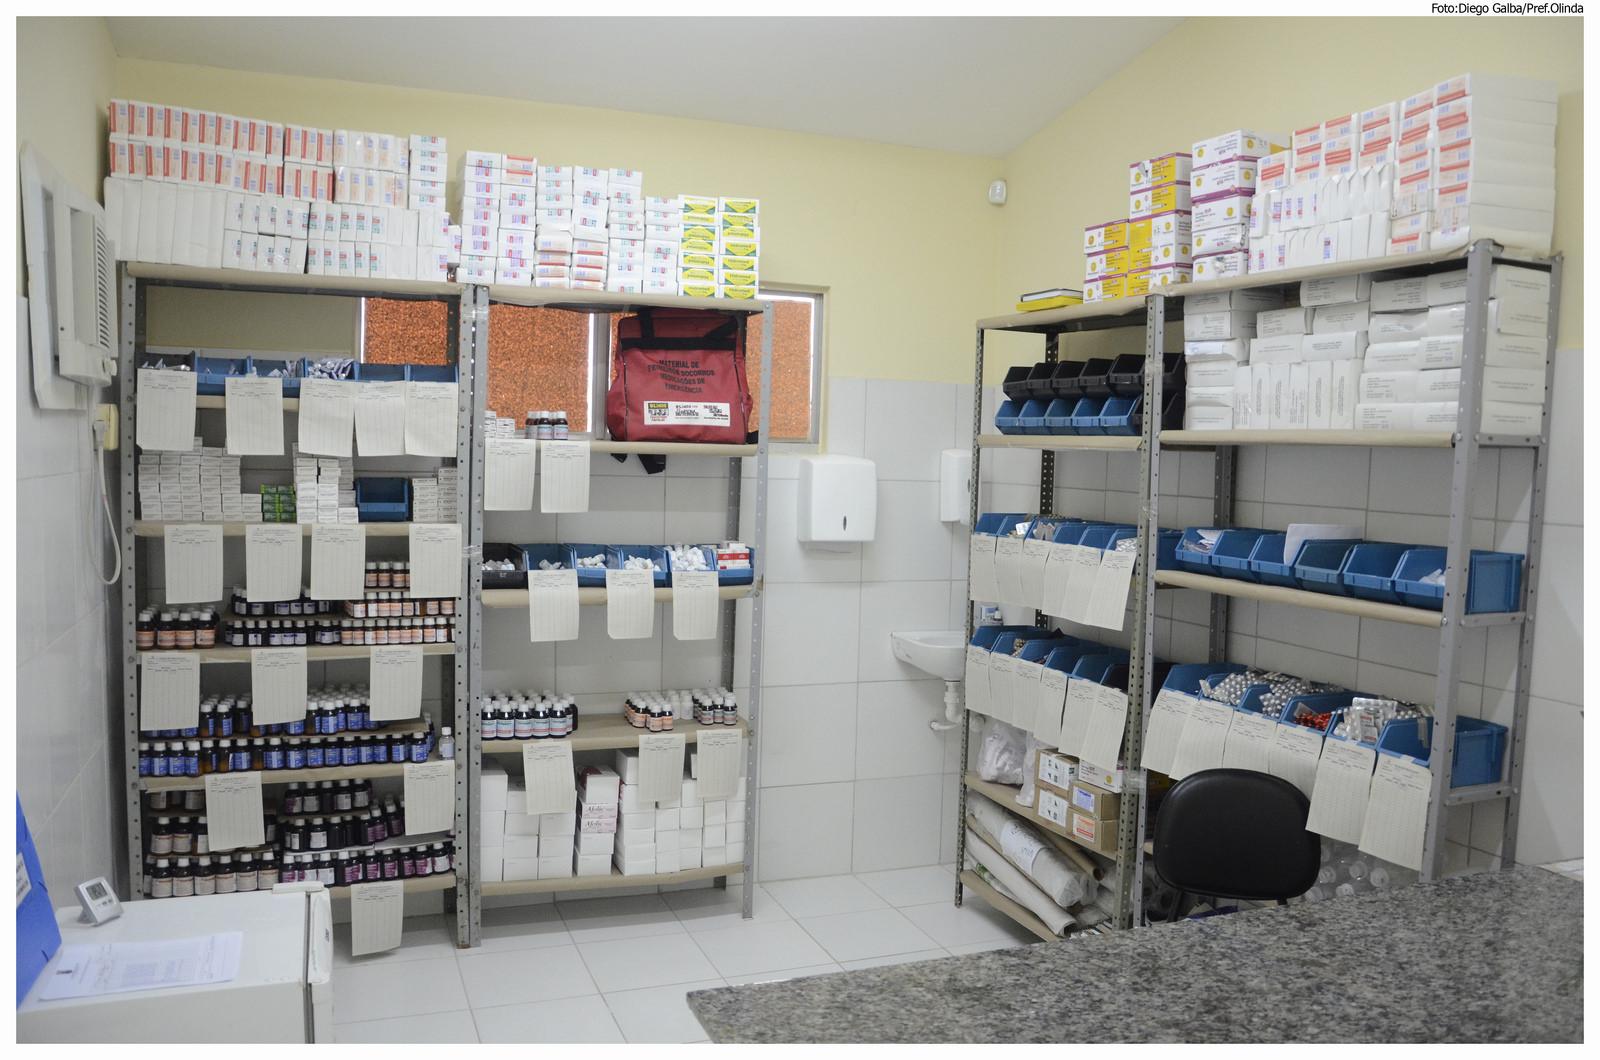 Requalificação da Unidade de Saúde da Família de Vila Popular. Foto: Diego Galba/Pref. Olinda